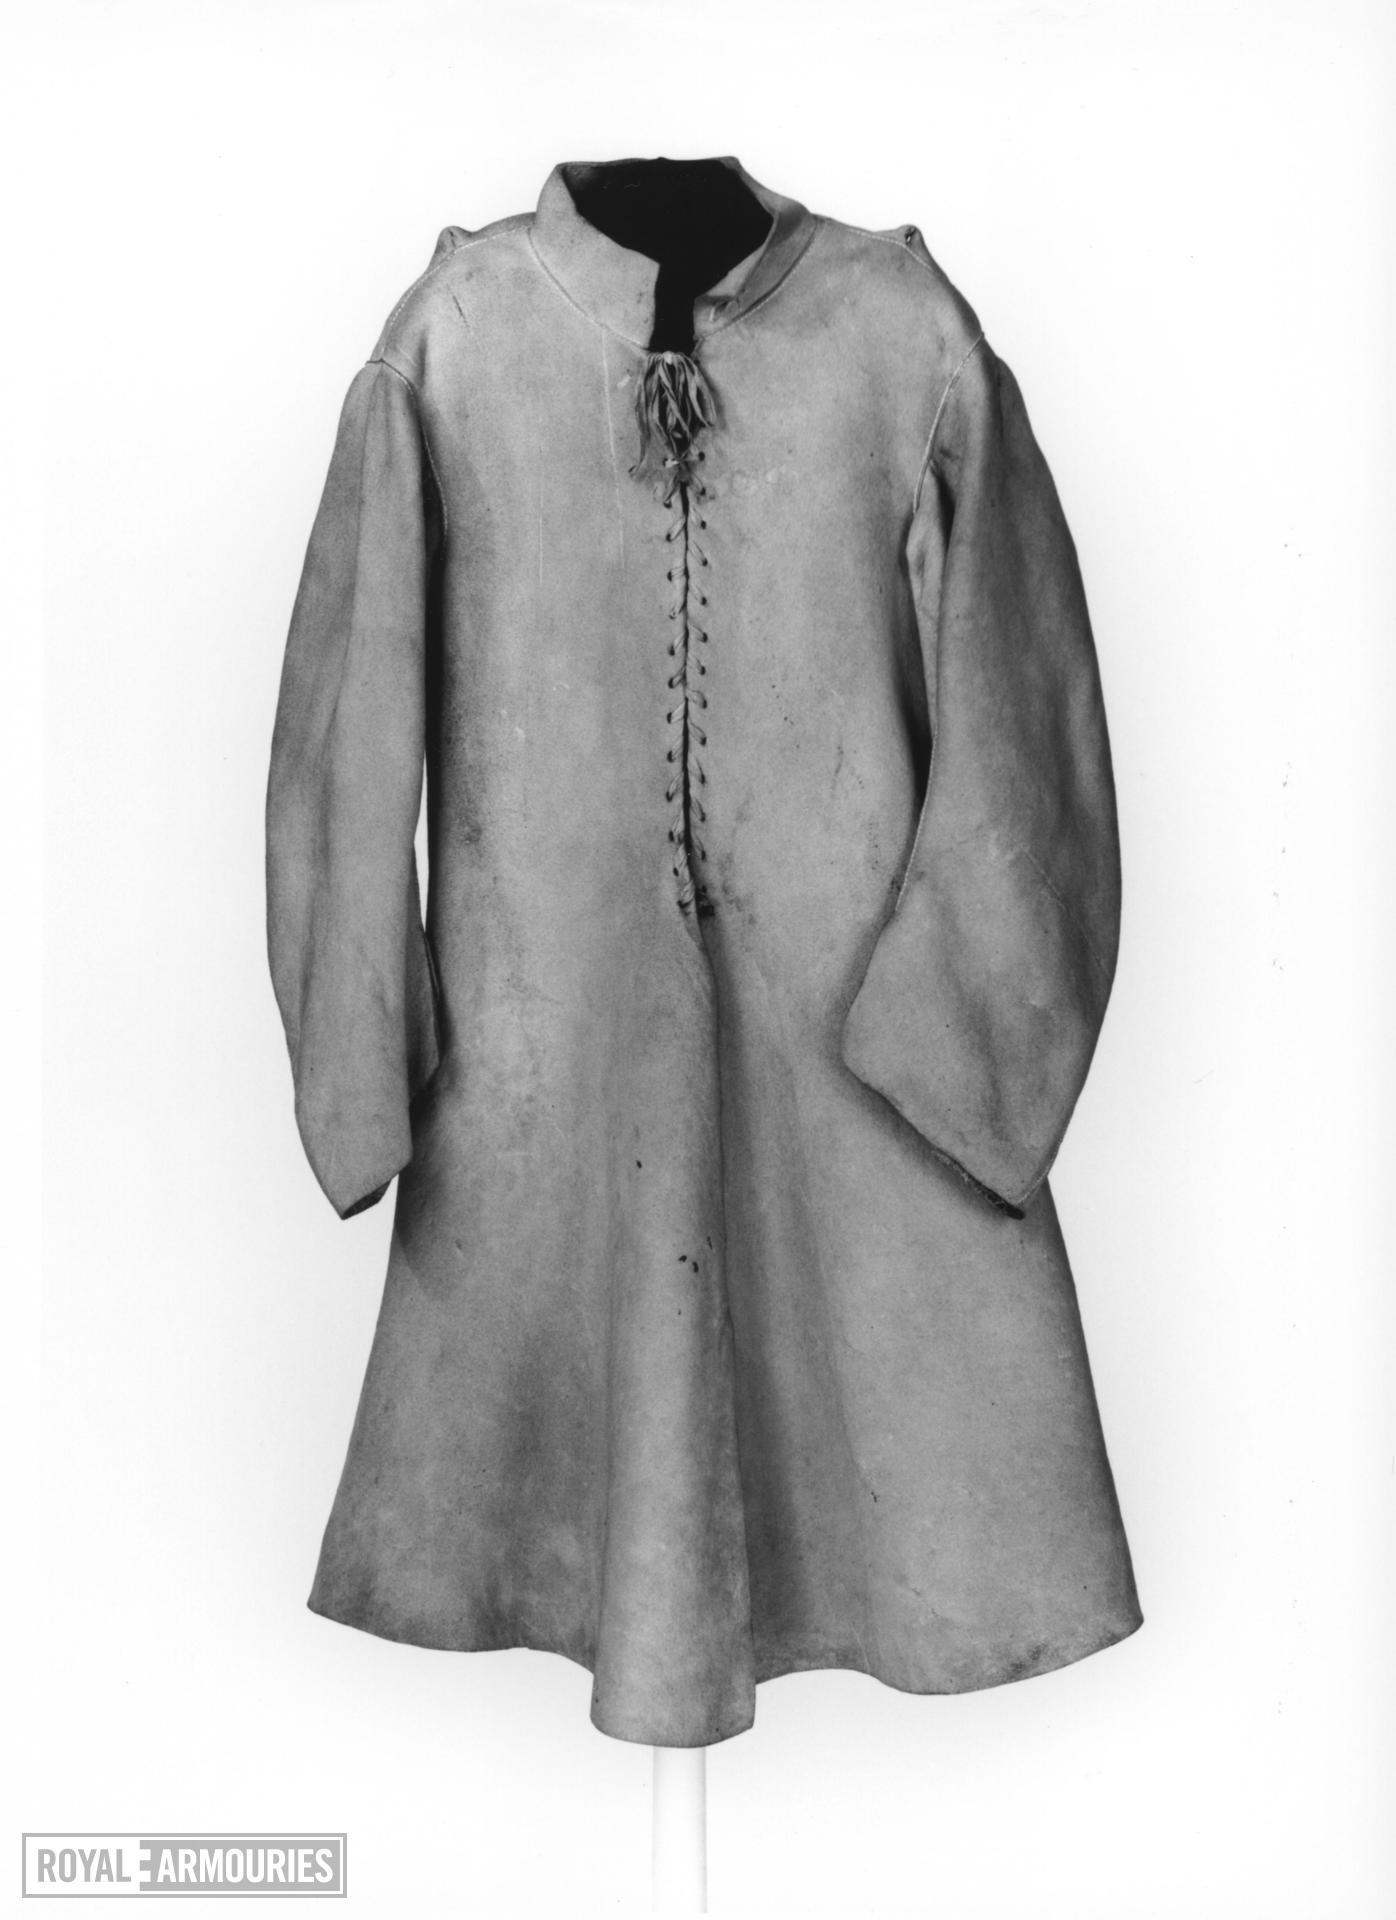 Buff coat